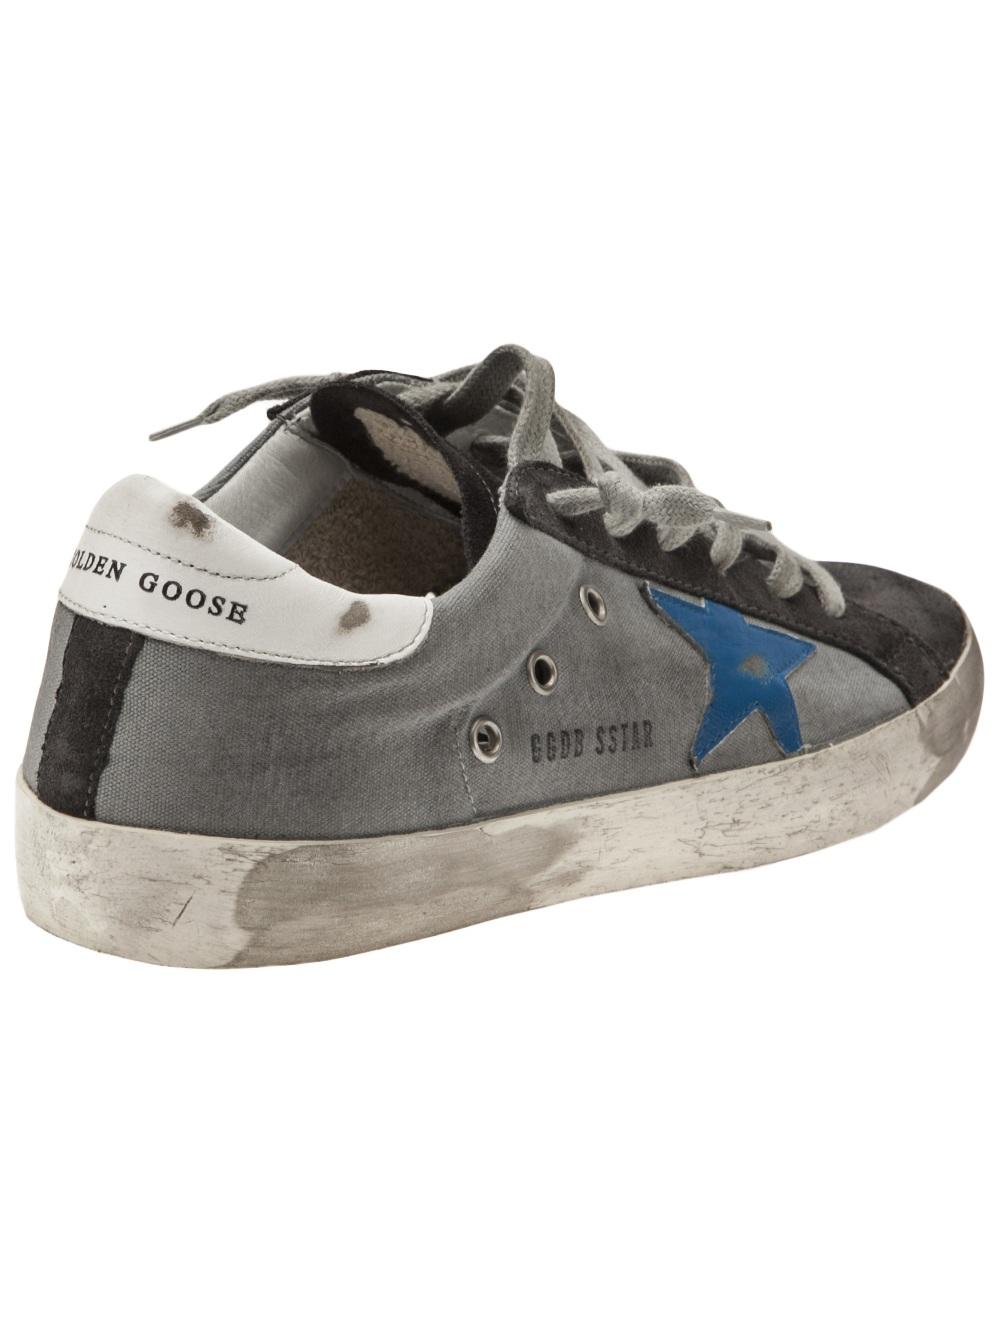 Golden Goose Deluxe Brand Superstar Sneakers in Blue (Black)